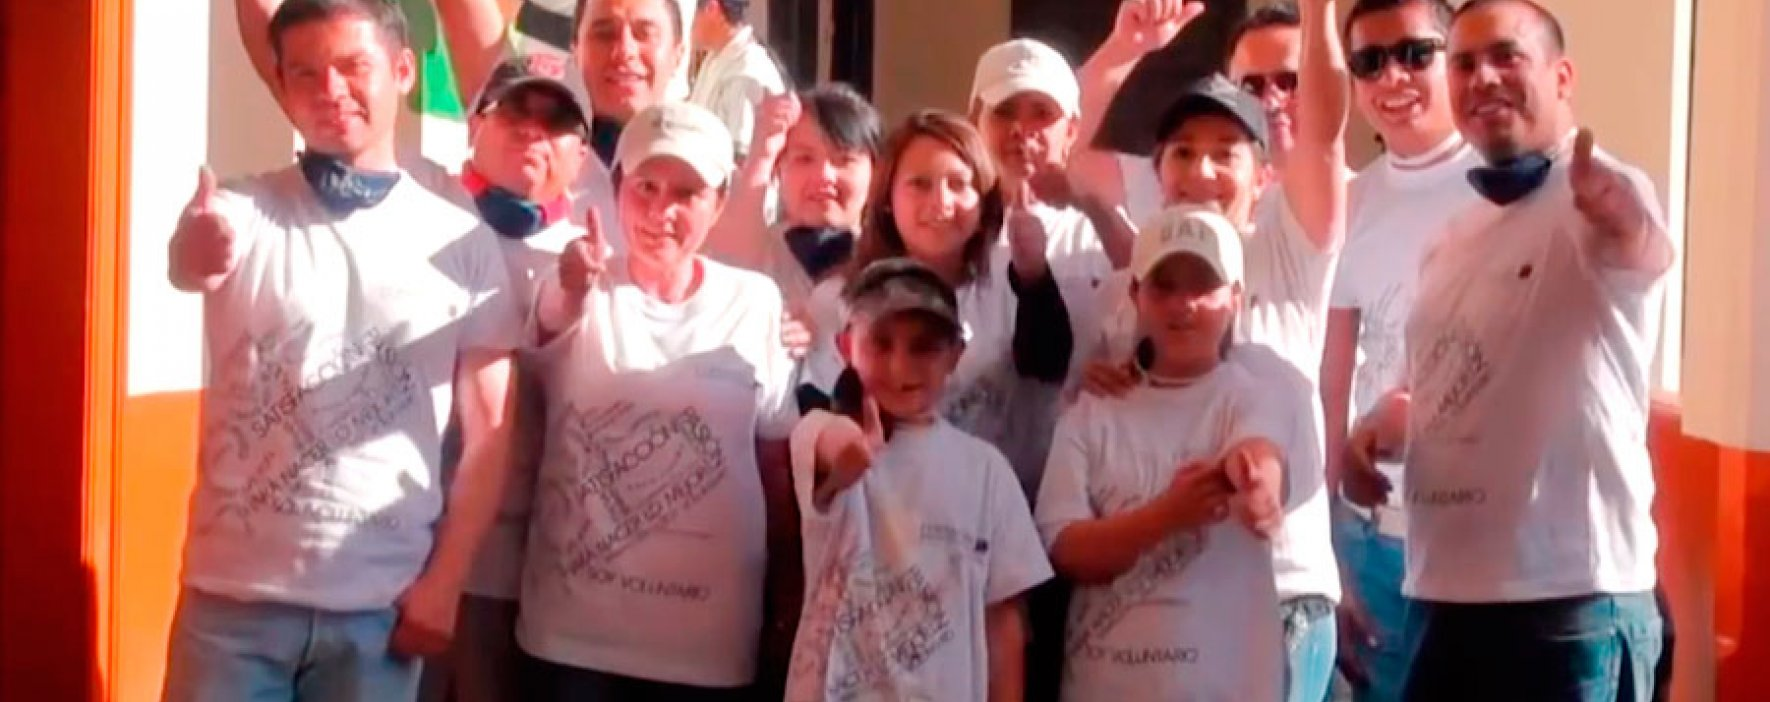 Fundación Bolívar Davivienda dio apertura a convocatoria para organizaciones sociales